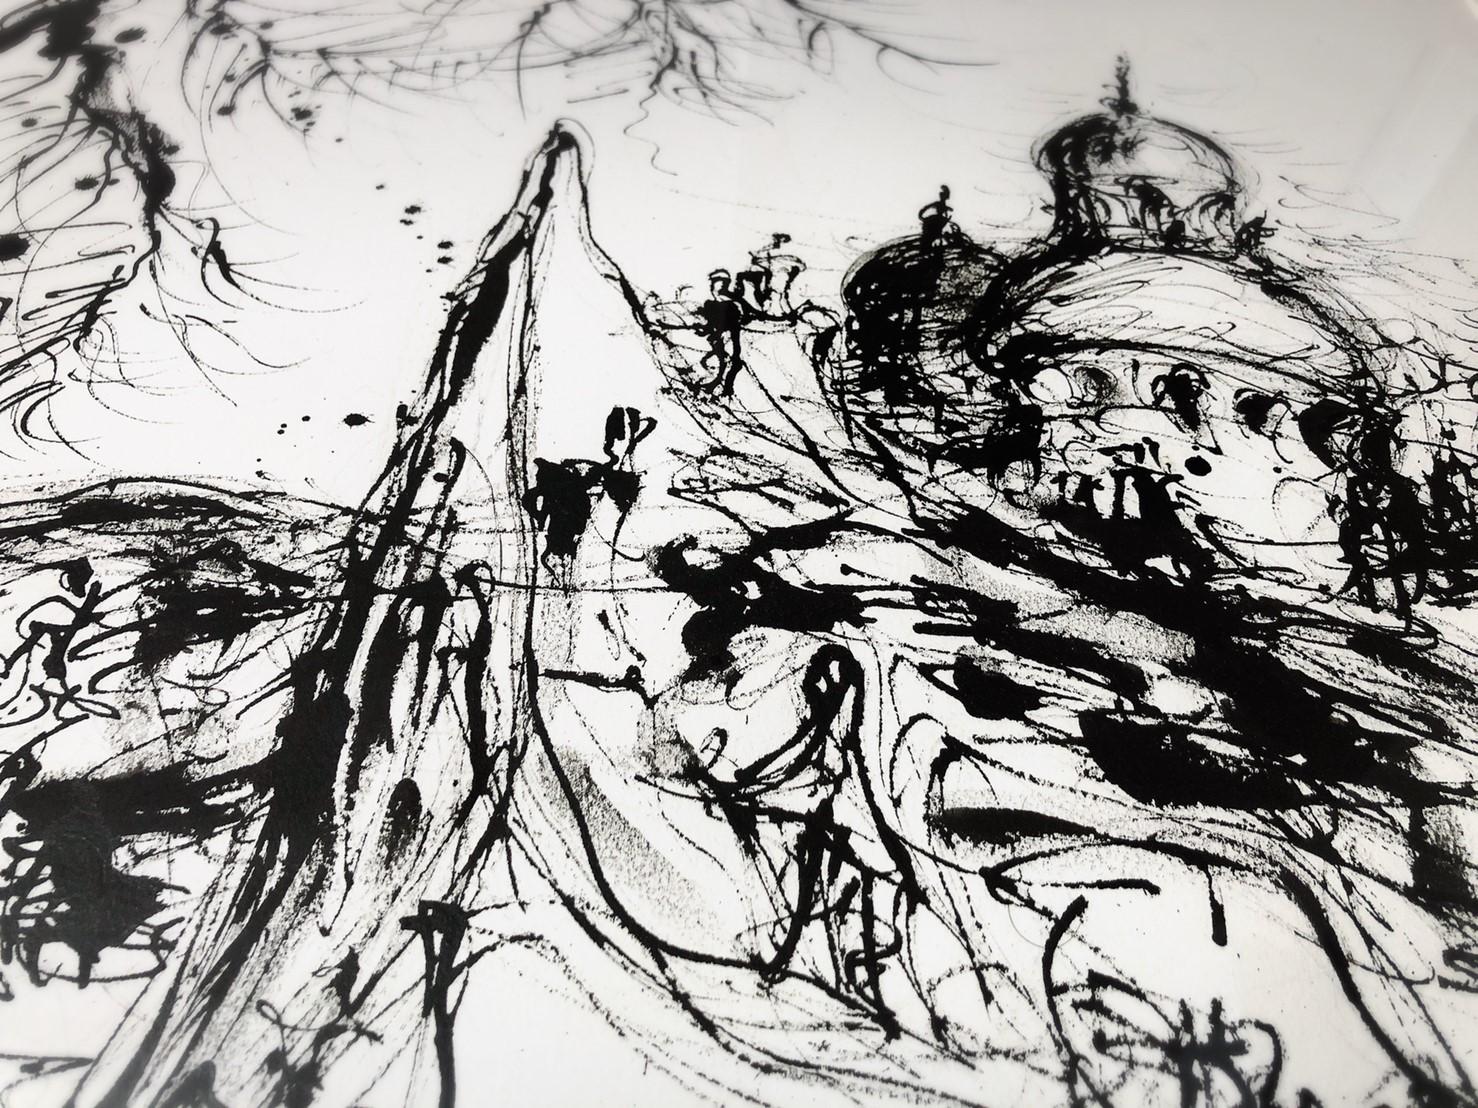 浜松の画家・鈴木康雄さんの絵「巡礼の街 フランス」